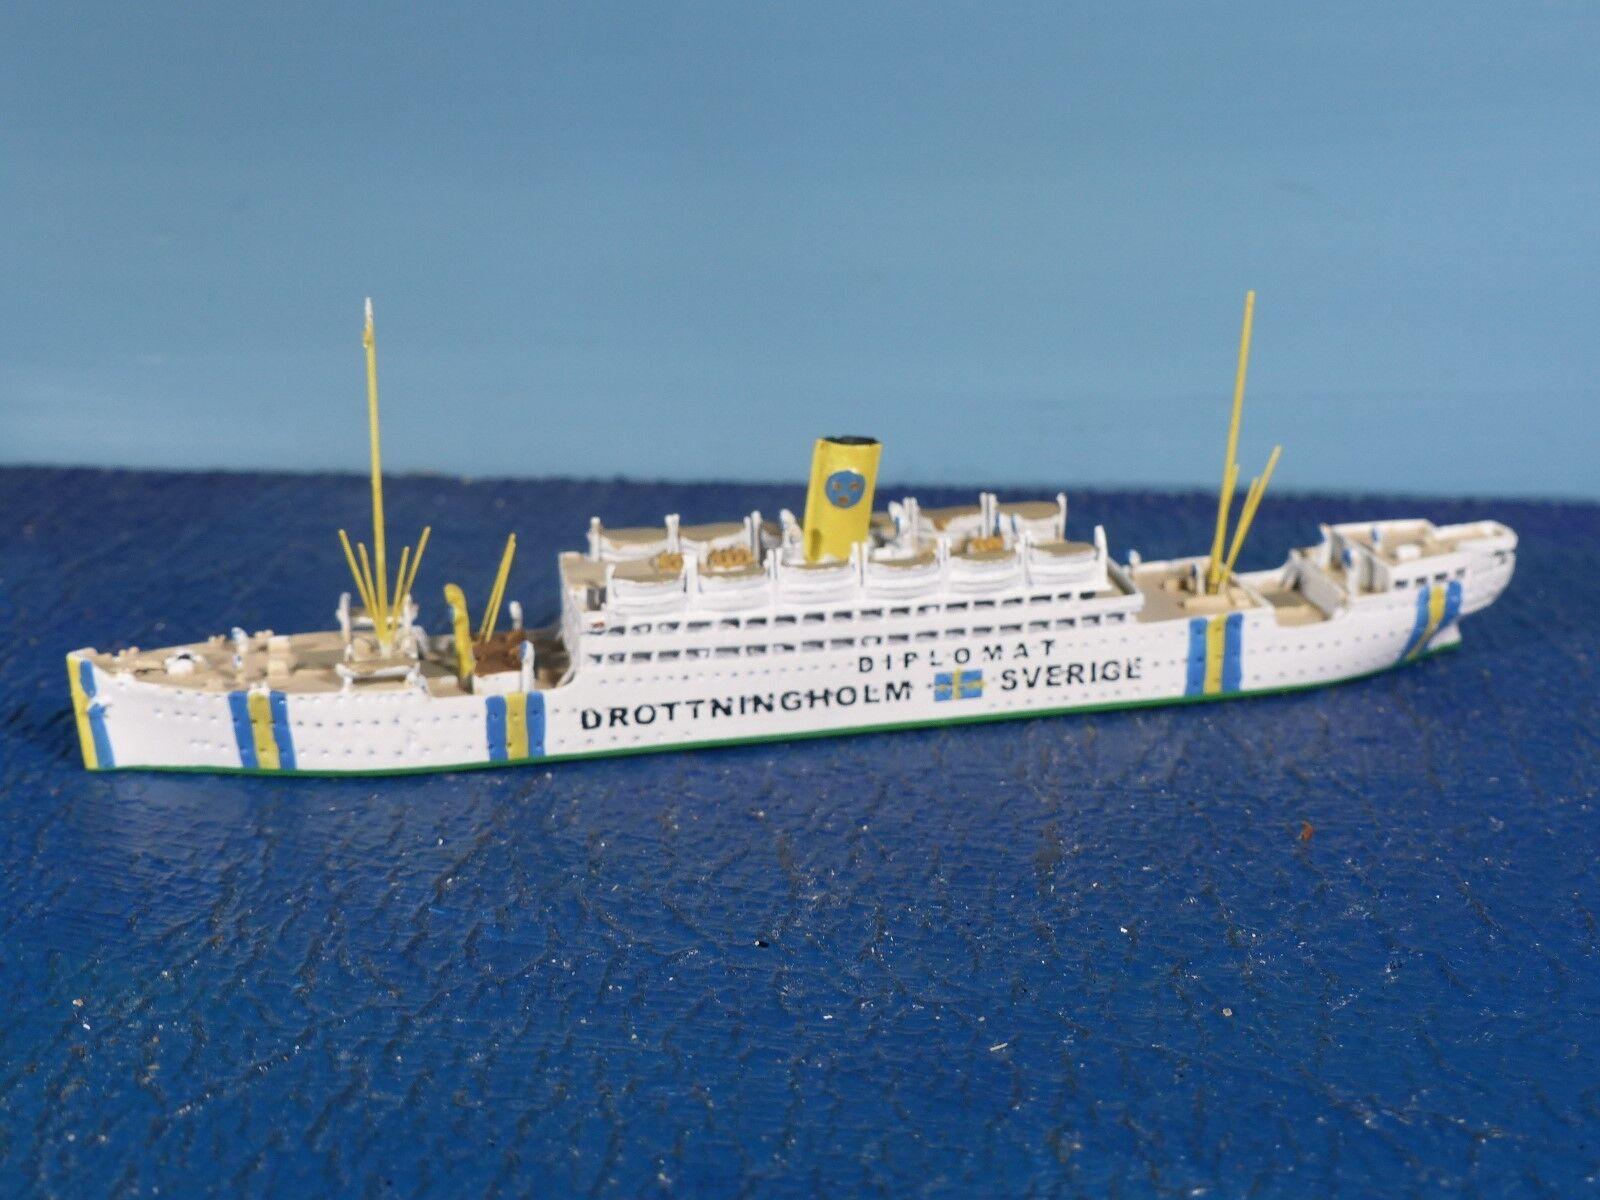 Albatros navire 1 1250 1250 1250 P. paquebot  Drougetningholm  Al 71 S Nouveau neuf dans sa boîte c1e635